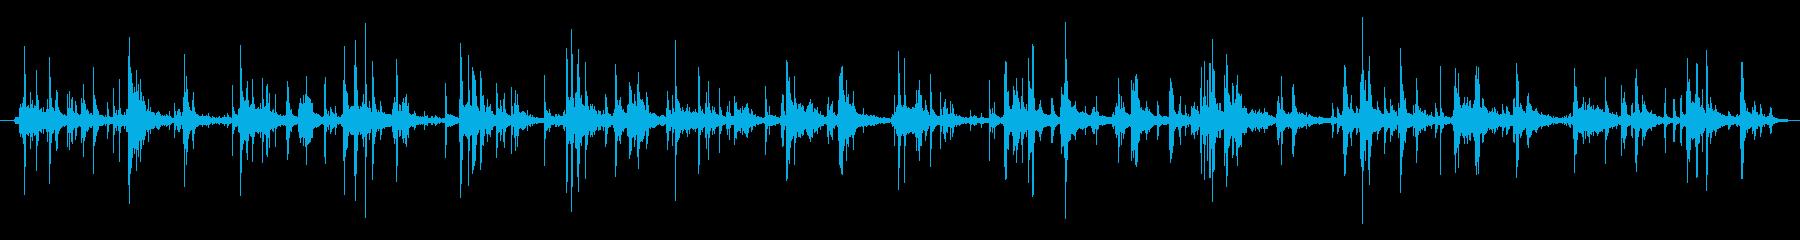 ハーネス ウォークシーケンス03の再生済みの波形